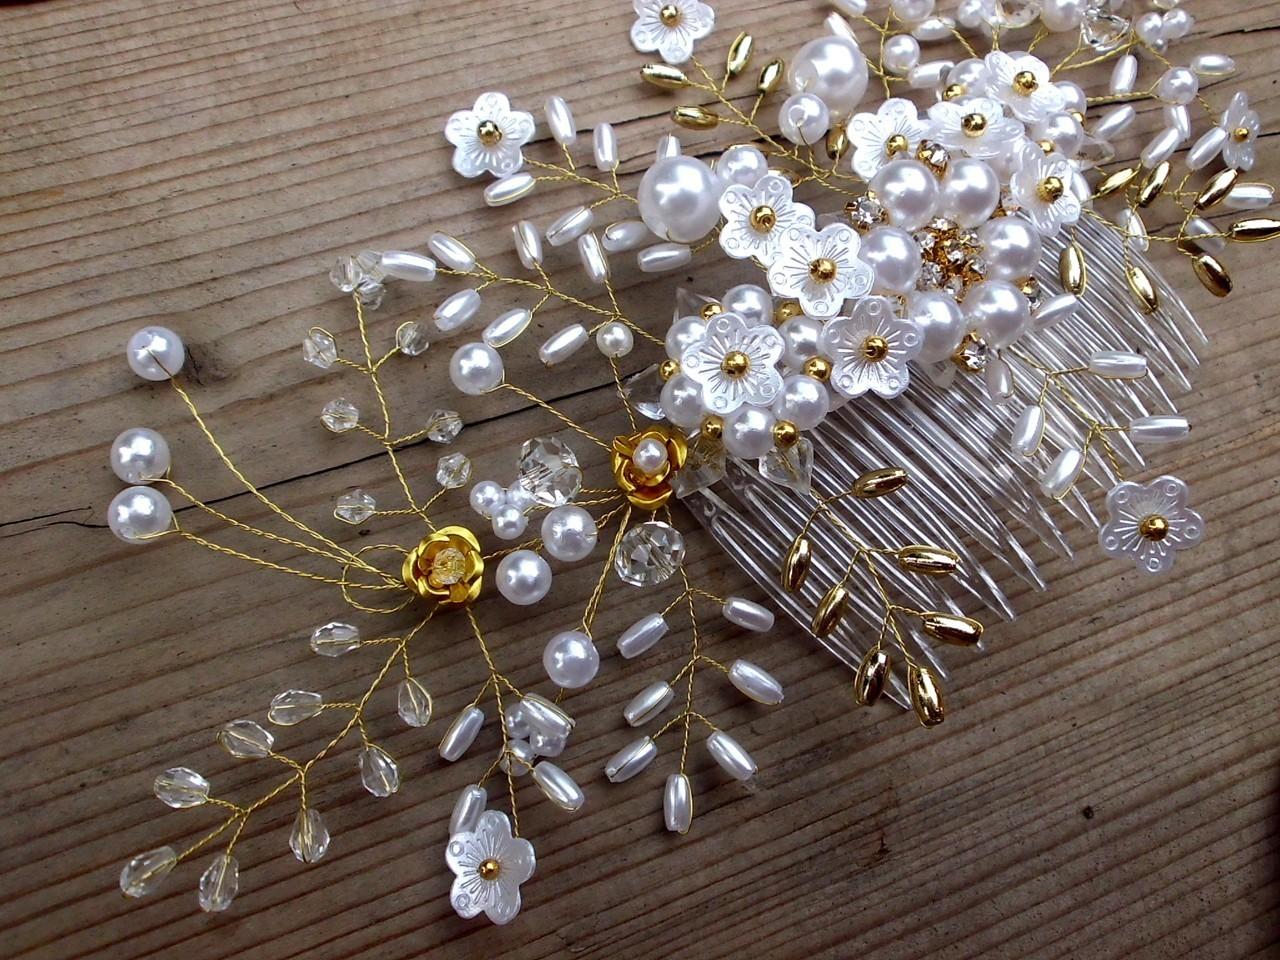 sněhobílý hřebínek do vlasů + zlatá   Zboží prodejce jaseta  958c178ed8